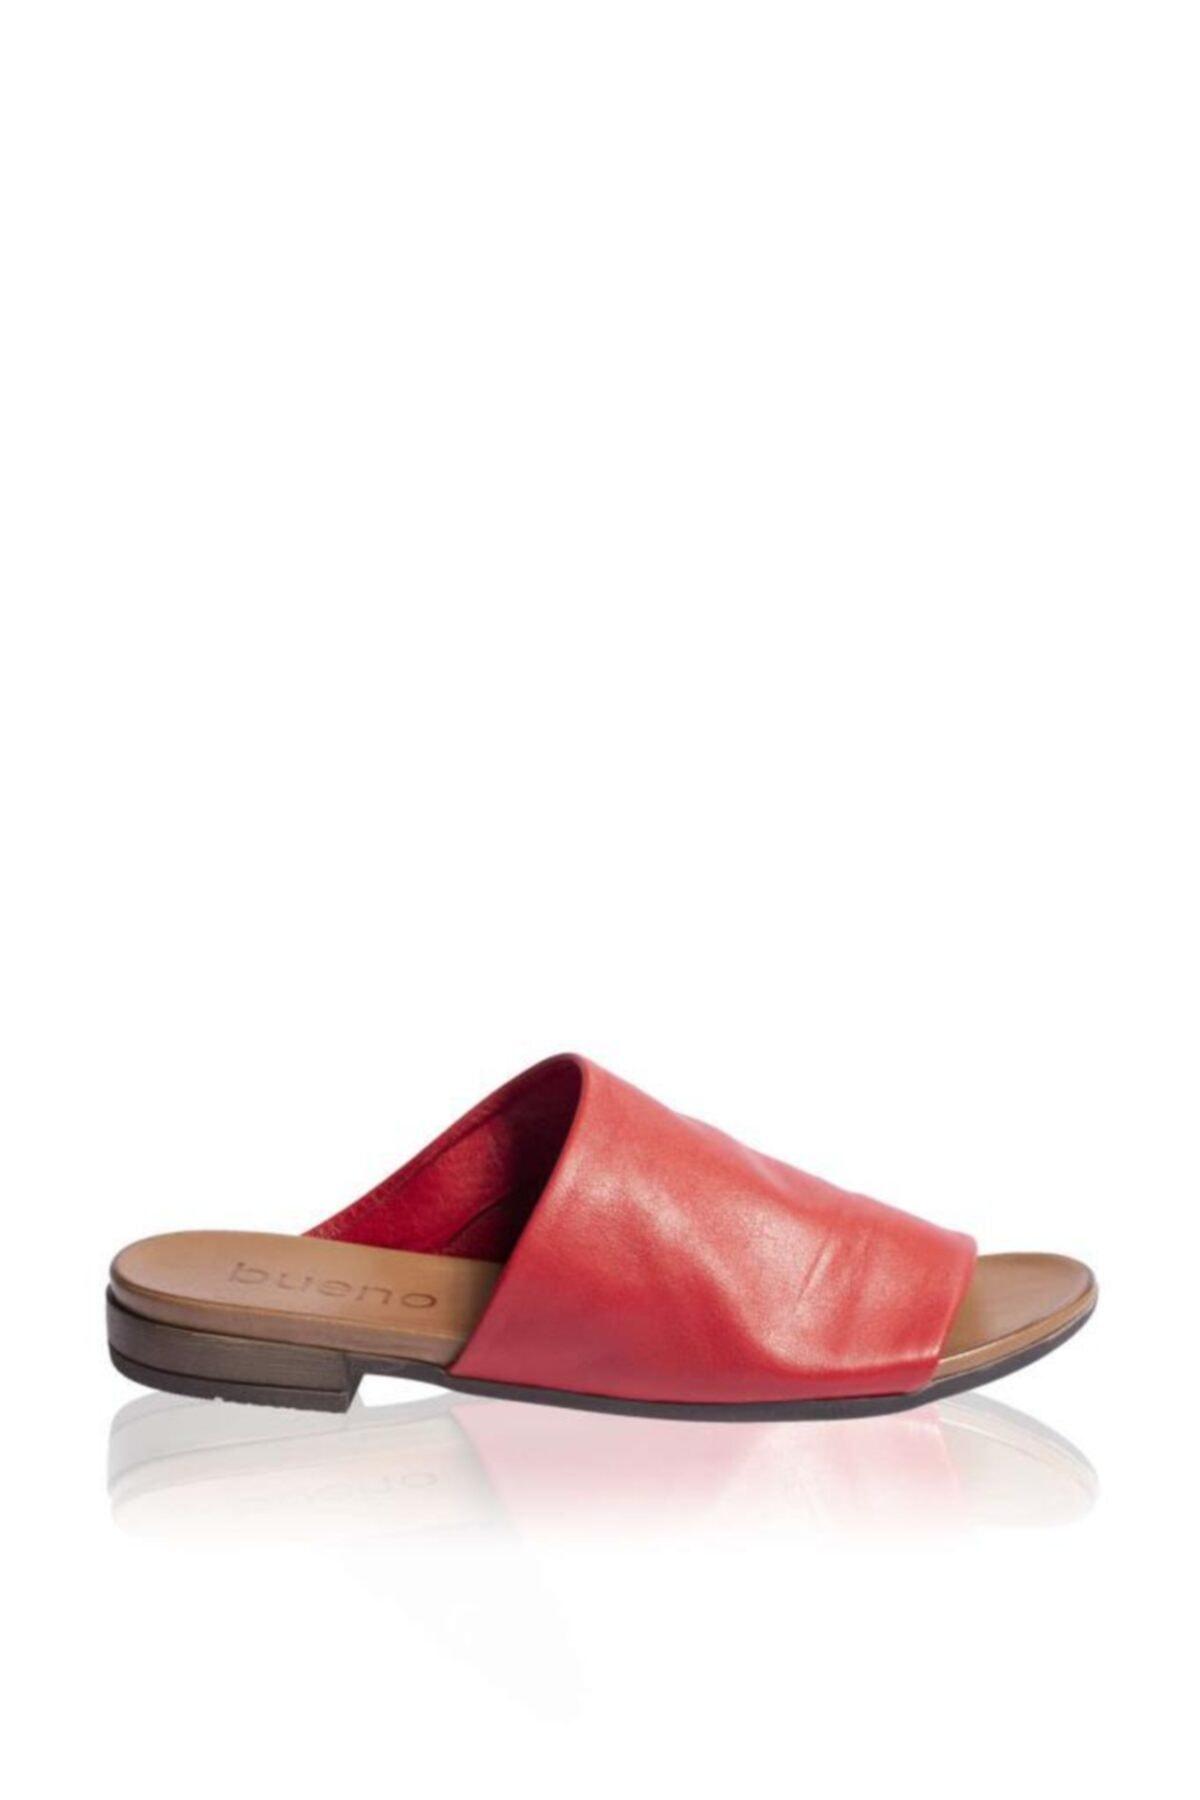 BUENO Shoes Önden Açık Hakiki Deri Kadın Düz Terlik 9n0204 1